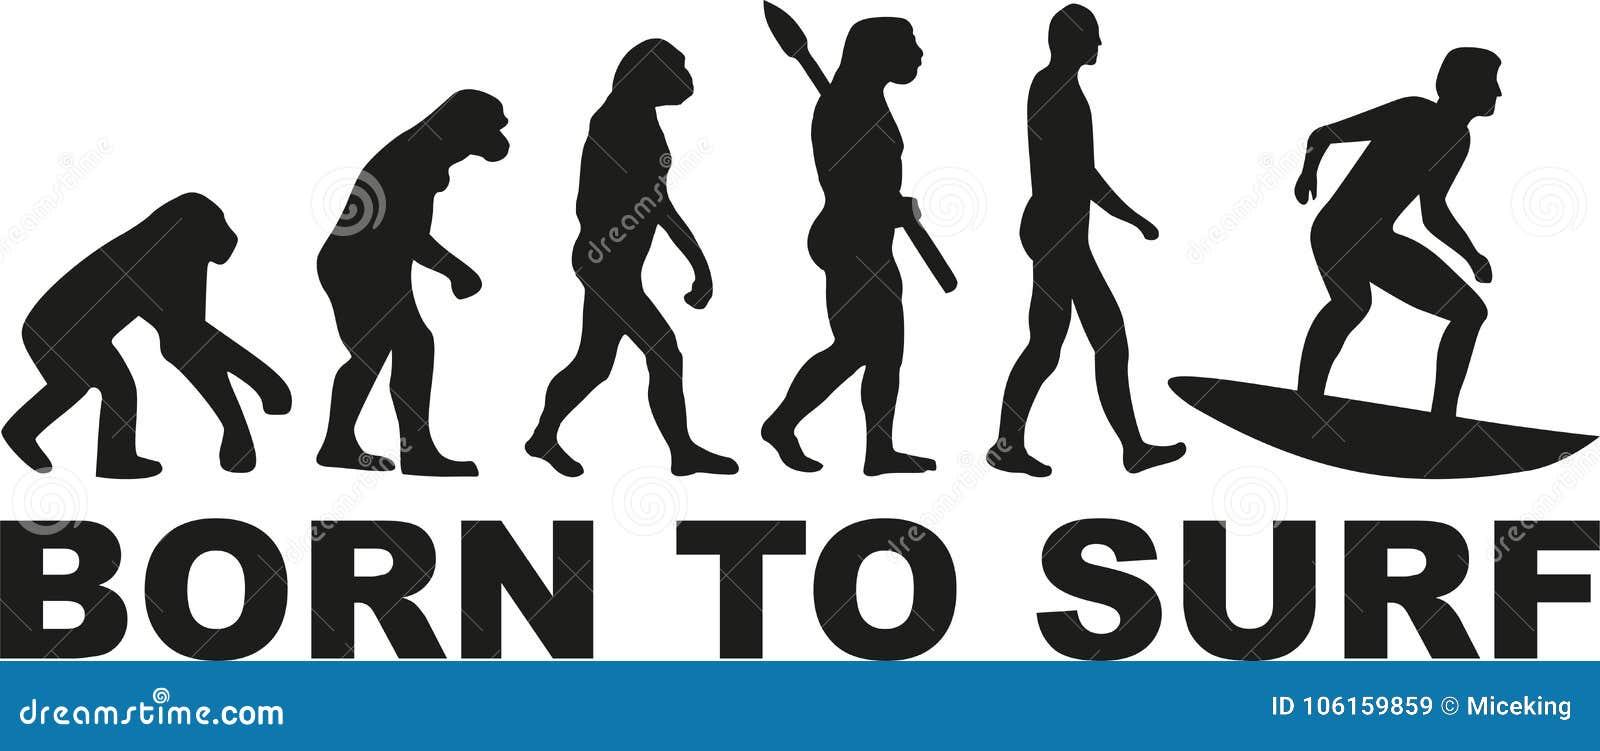 Surfing evolution - born to surf